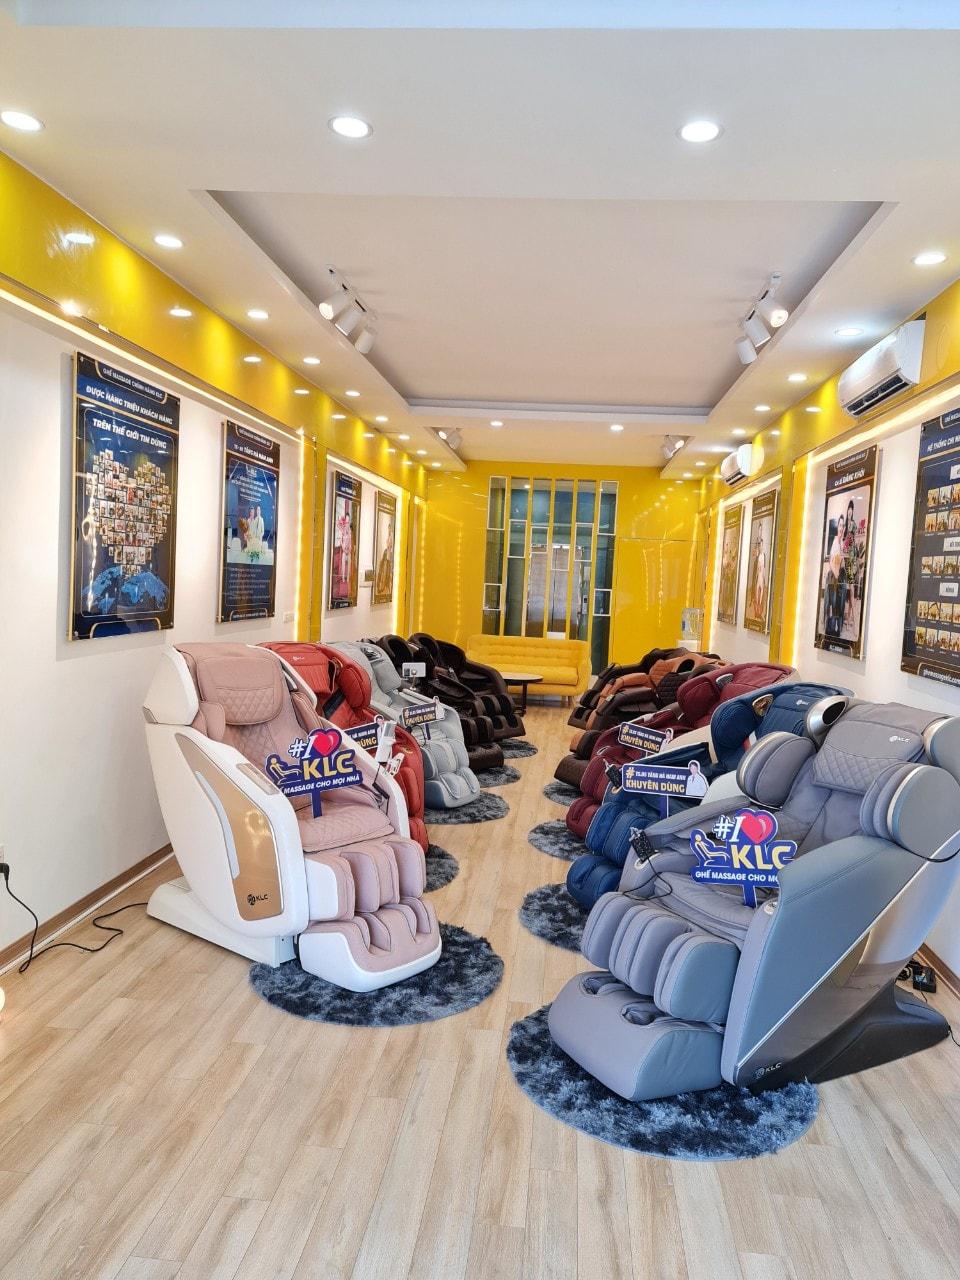 ghế massage chính hãng klc thanh xuân